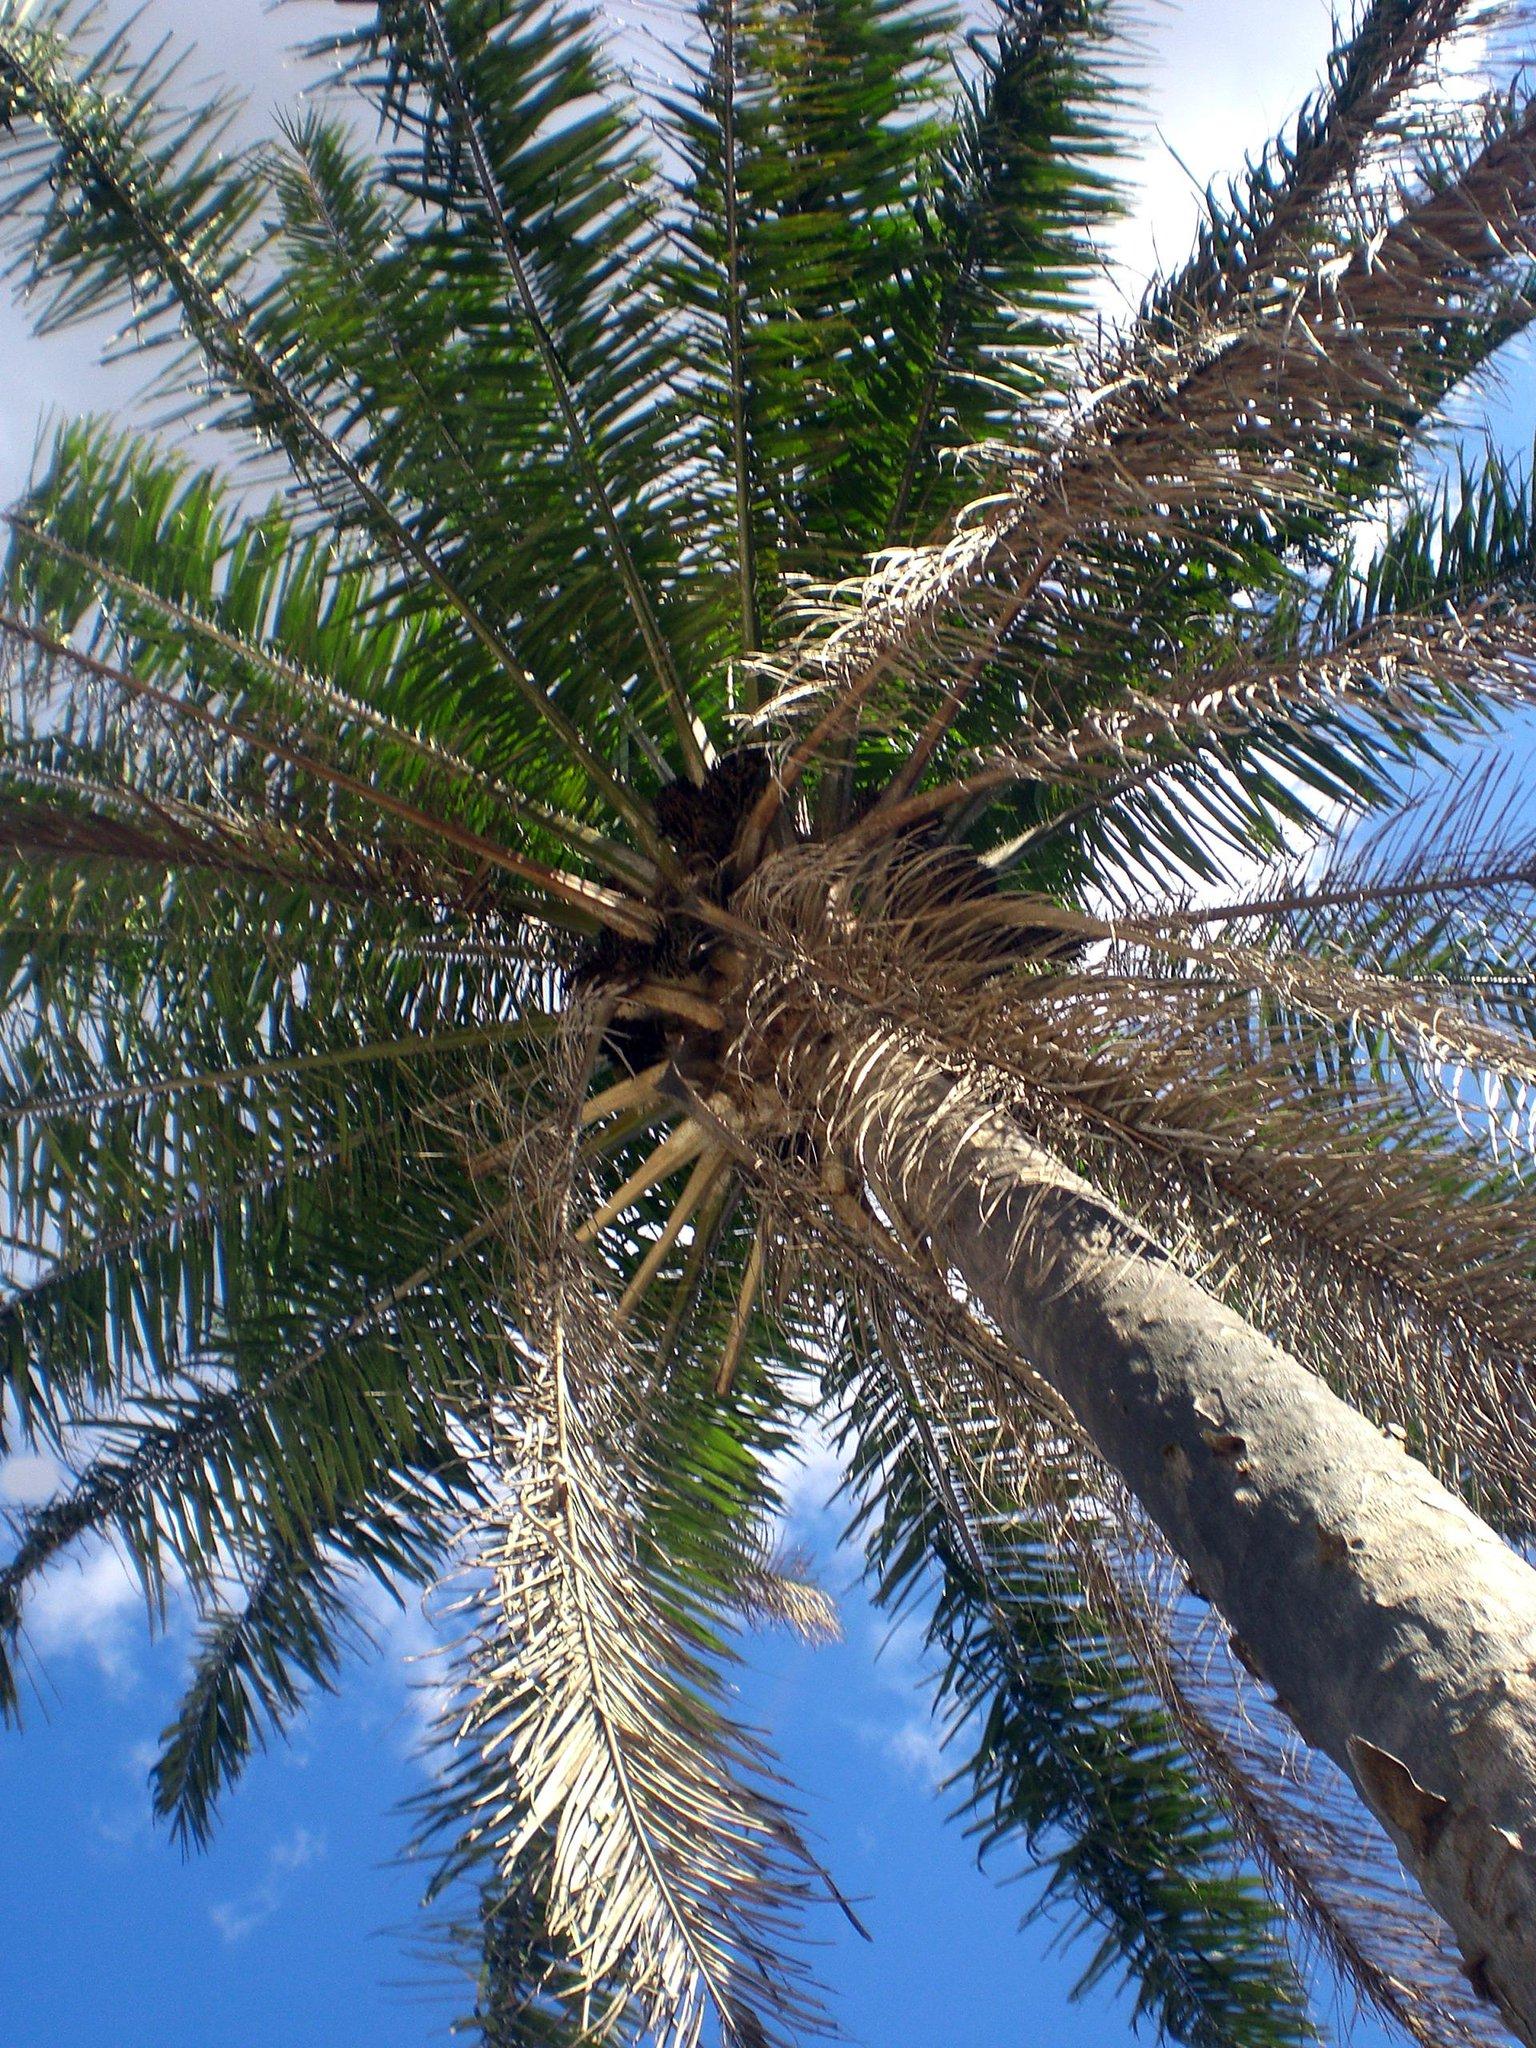 Jard n bot nico med on twitter consideradas las reinas - Jardin botanico las palmas ...